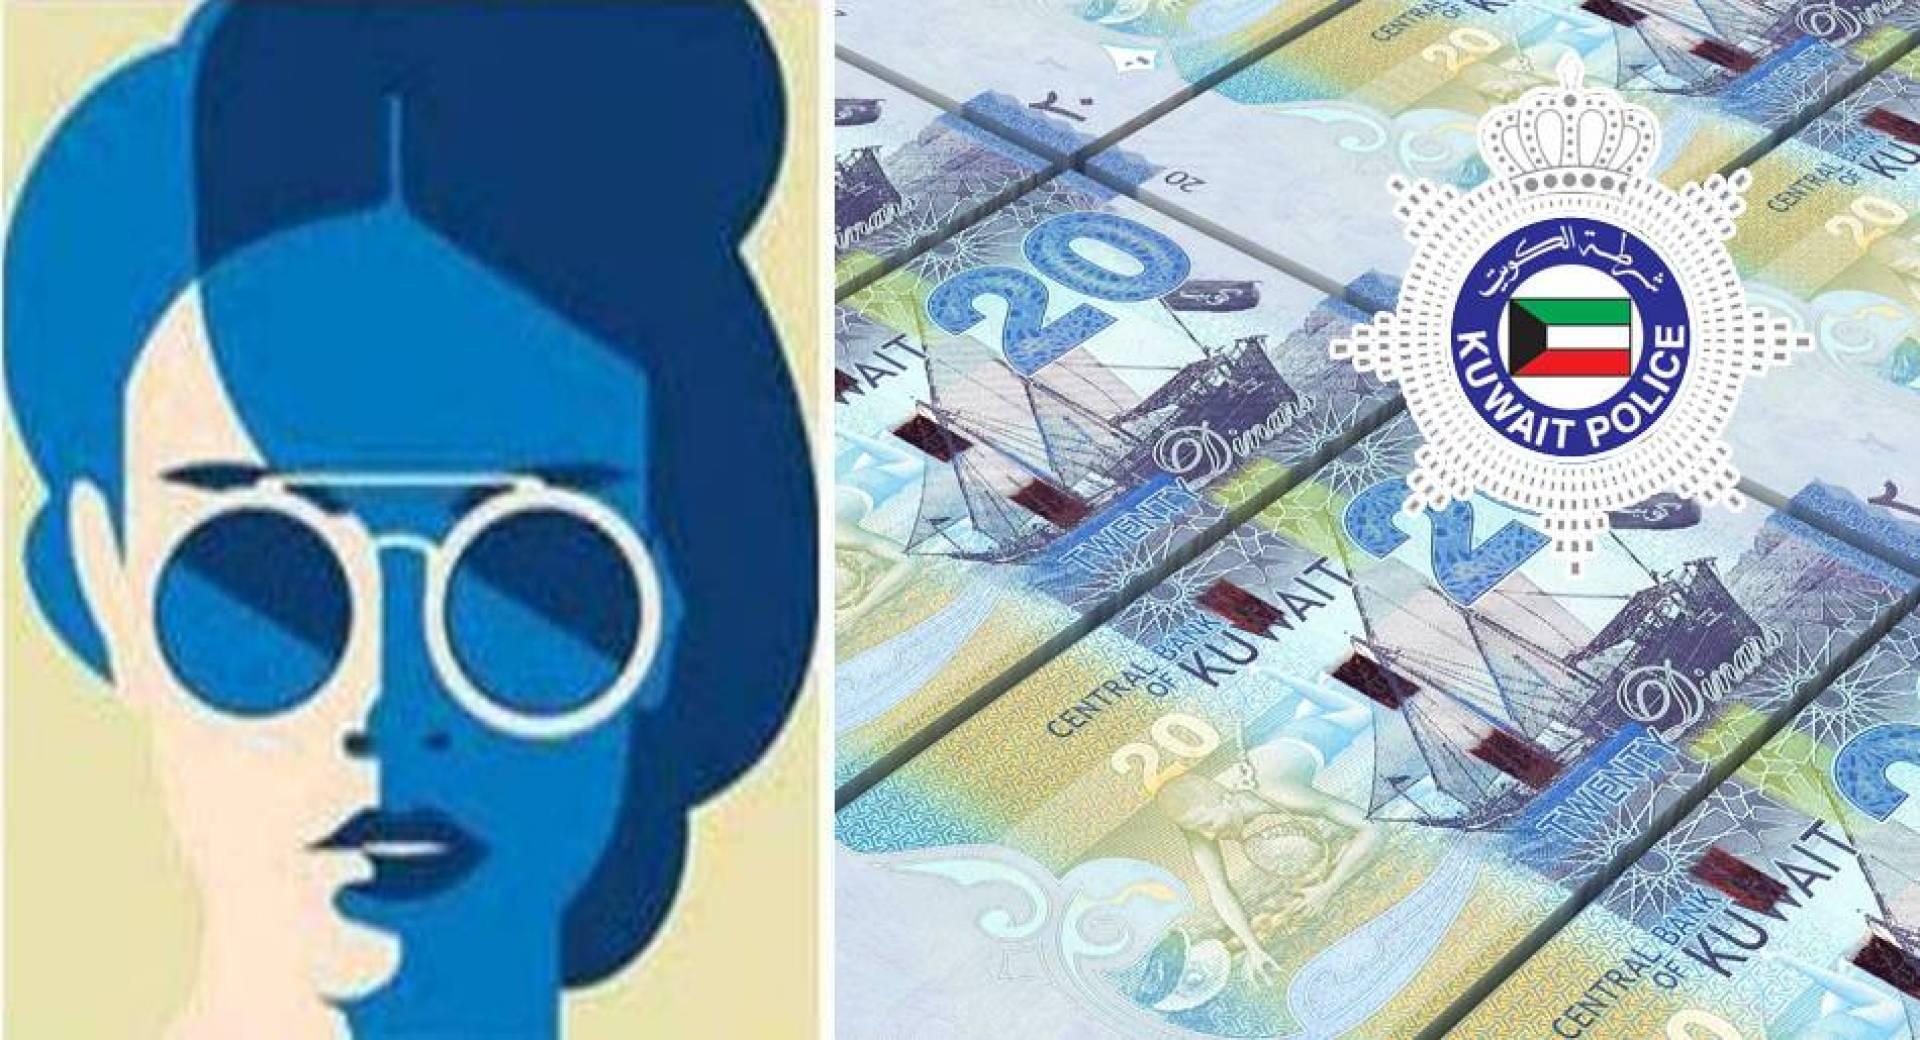 «فاشينيستا» محجوز على حسابها تسحب 40 ألفاً «كاش» من البنك.. مستغلة خطأ إجرائياً